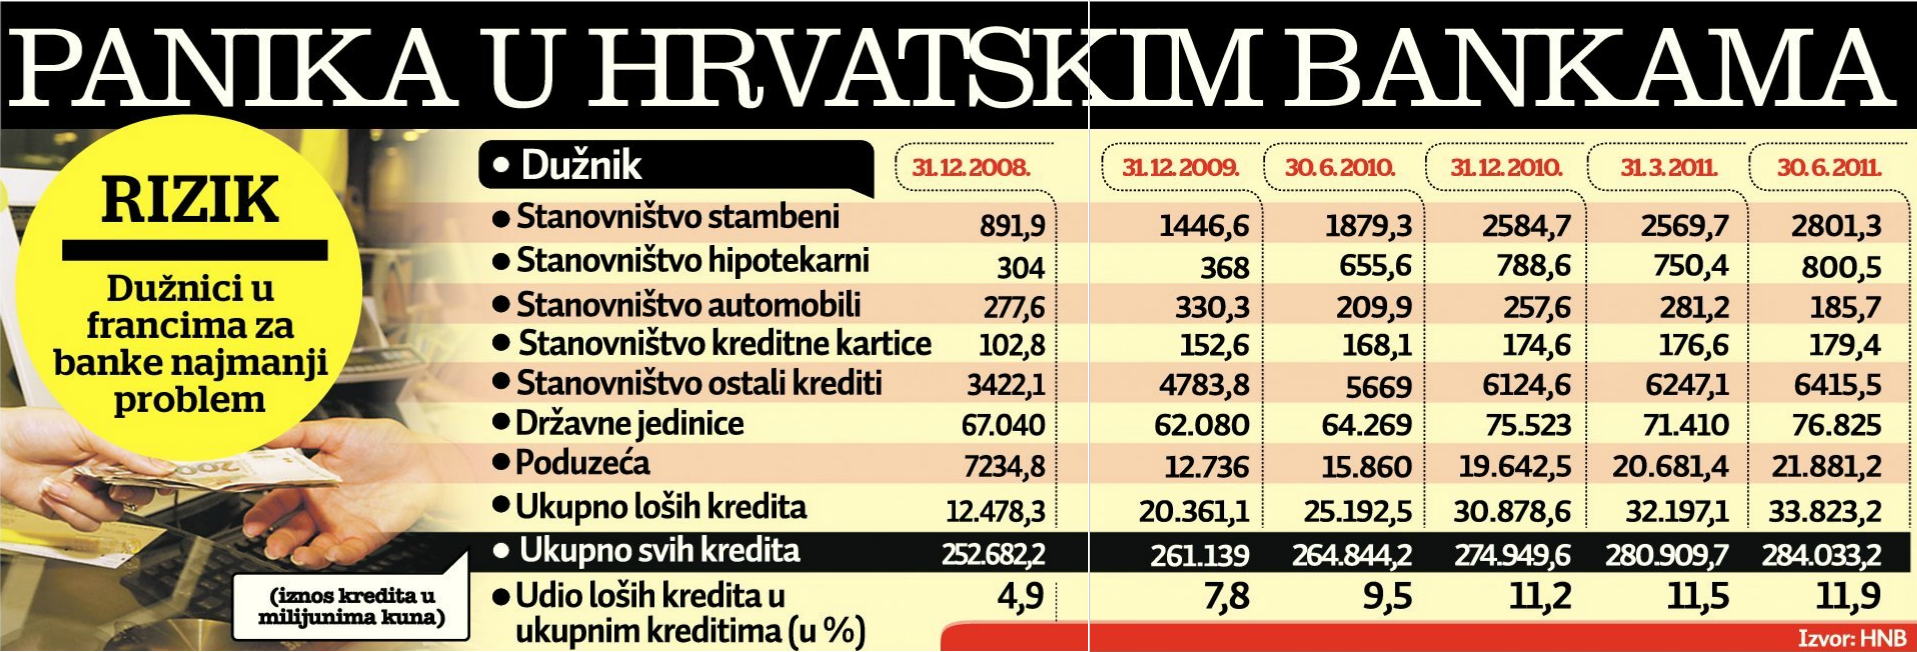 Jutarnji List - Infografika struktura kredita u Hrvatskoj